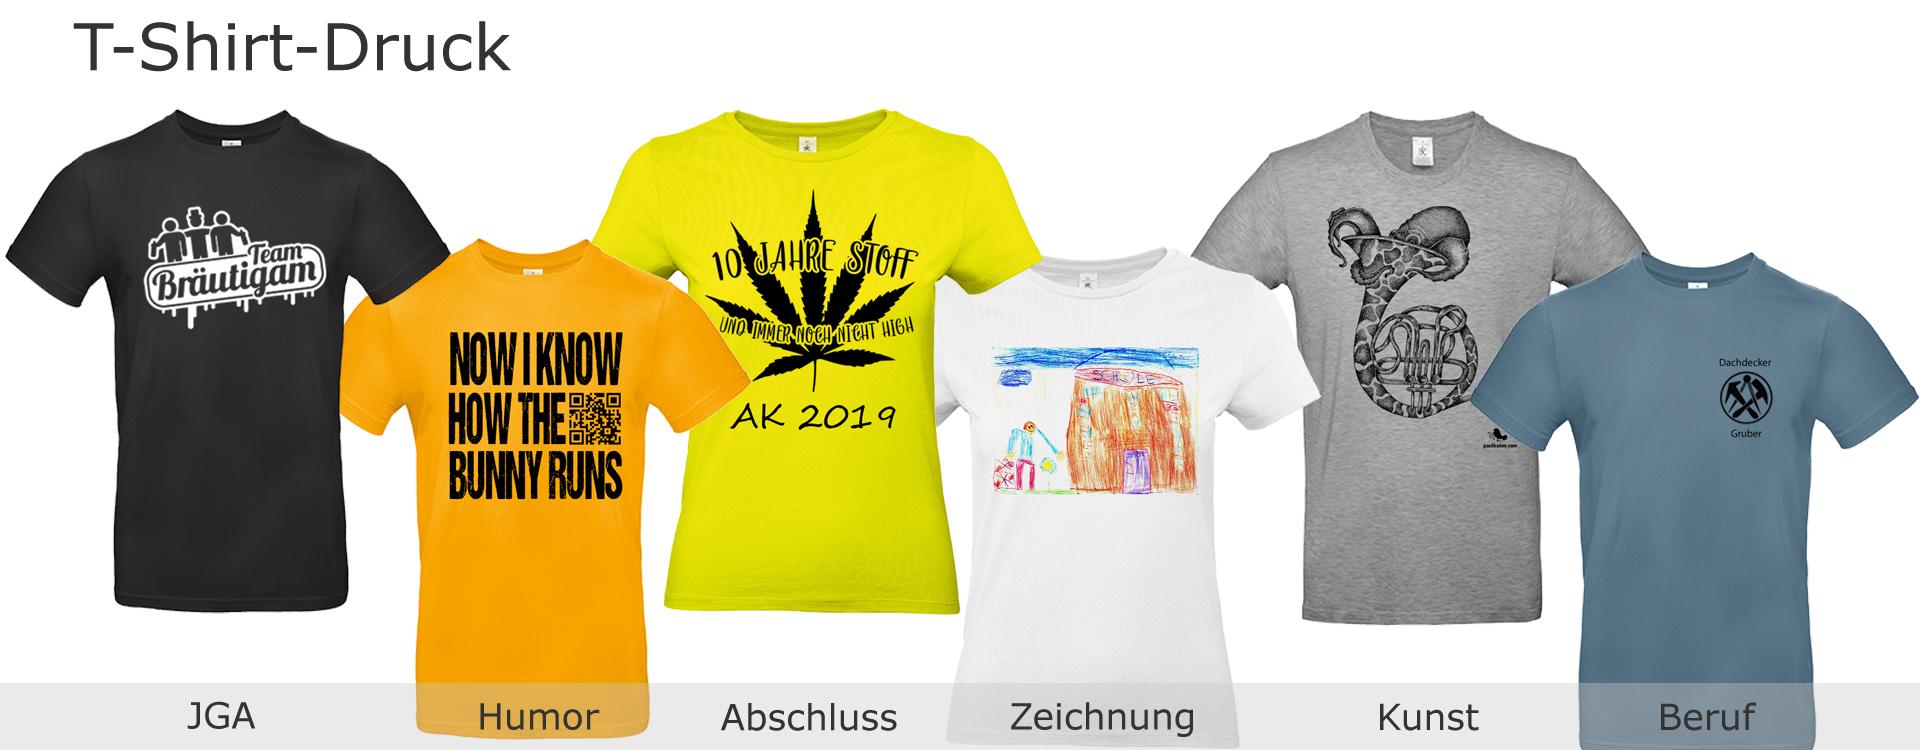 Foto T-Shirt-Druck